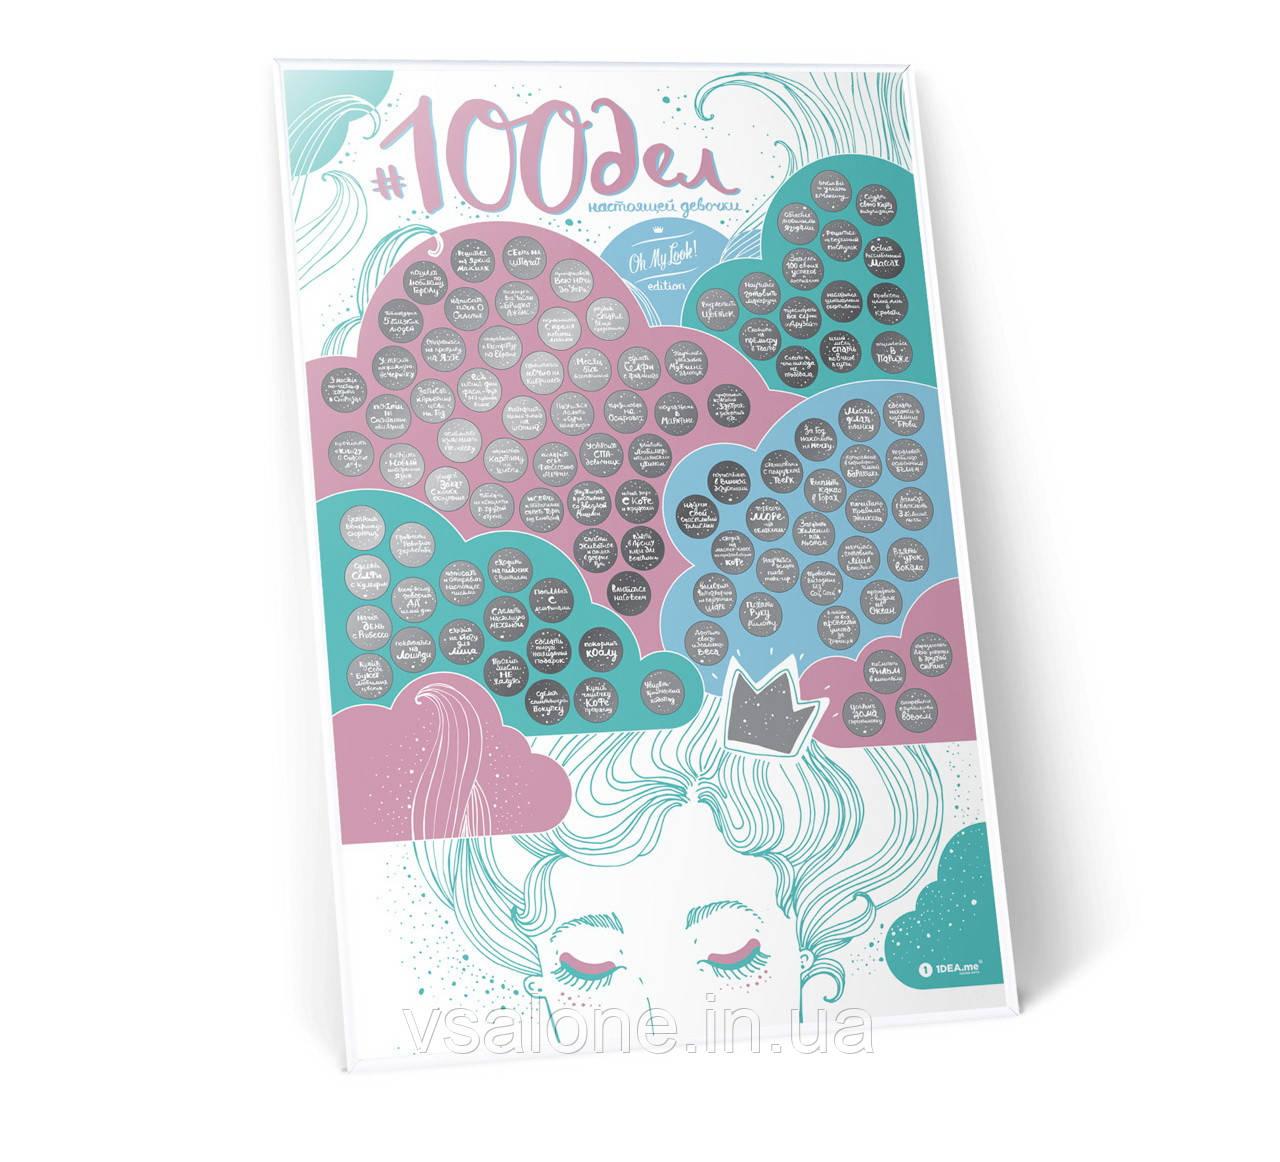 Скретч постер #100 ДЕЛ настоящей девочки (рос) (тубус)